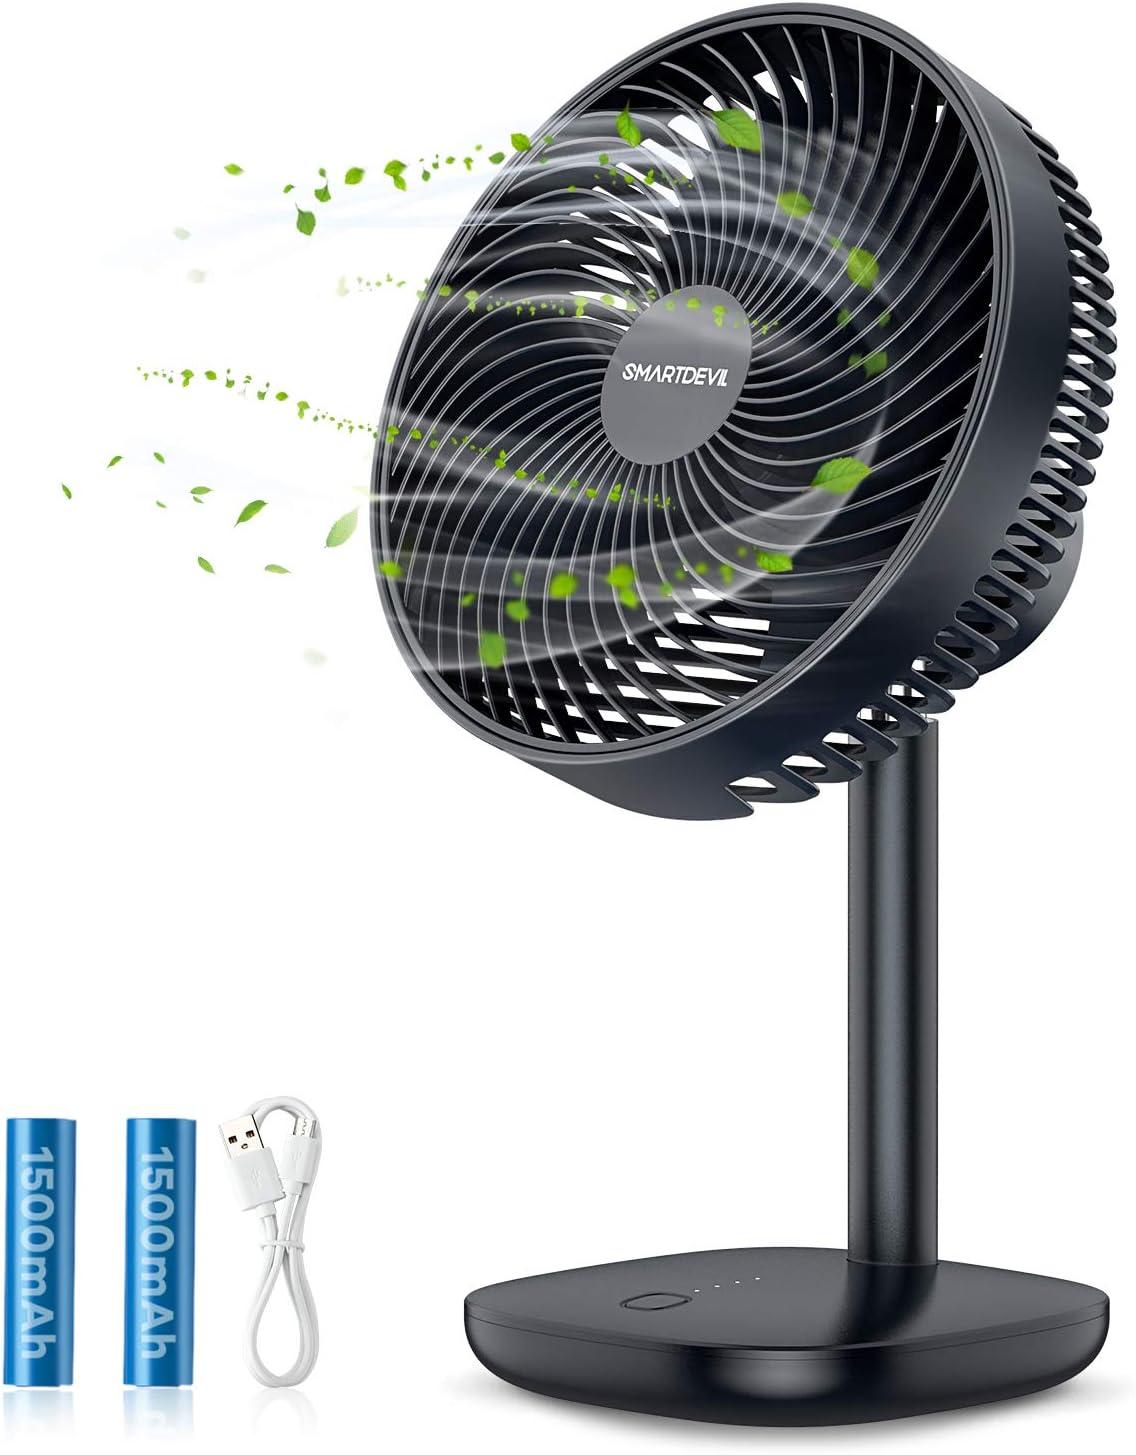 SmartDevil Ventilador de Mesa,batería Recargable de 3000 mAh,Ventilador portátil,Viento de 4 velocidades,45 ...